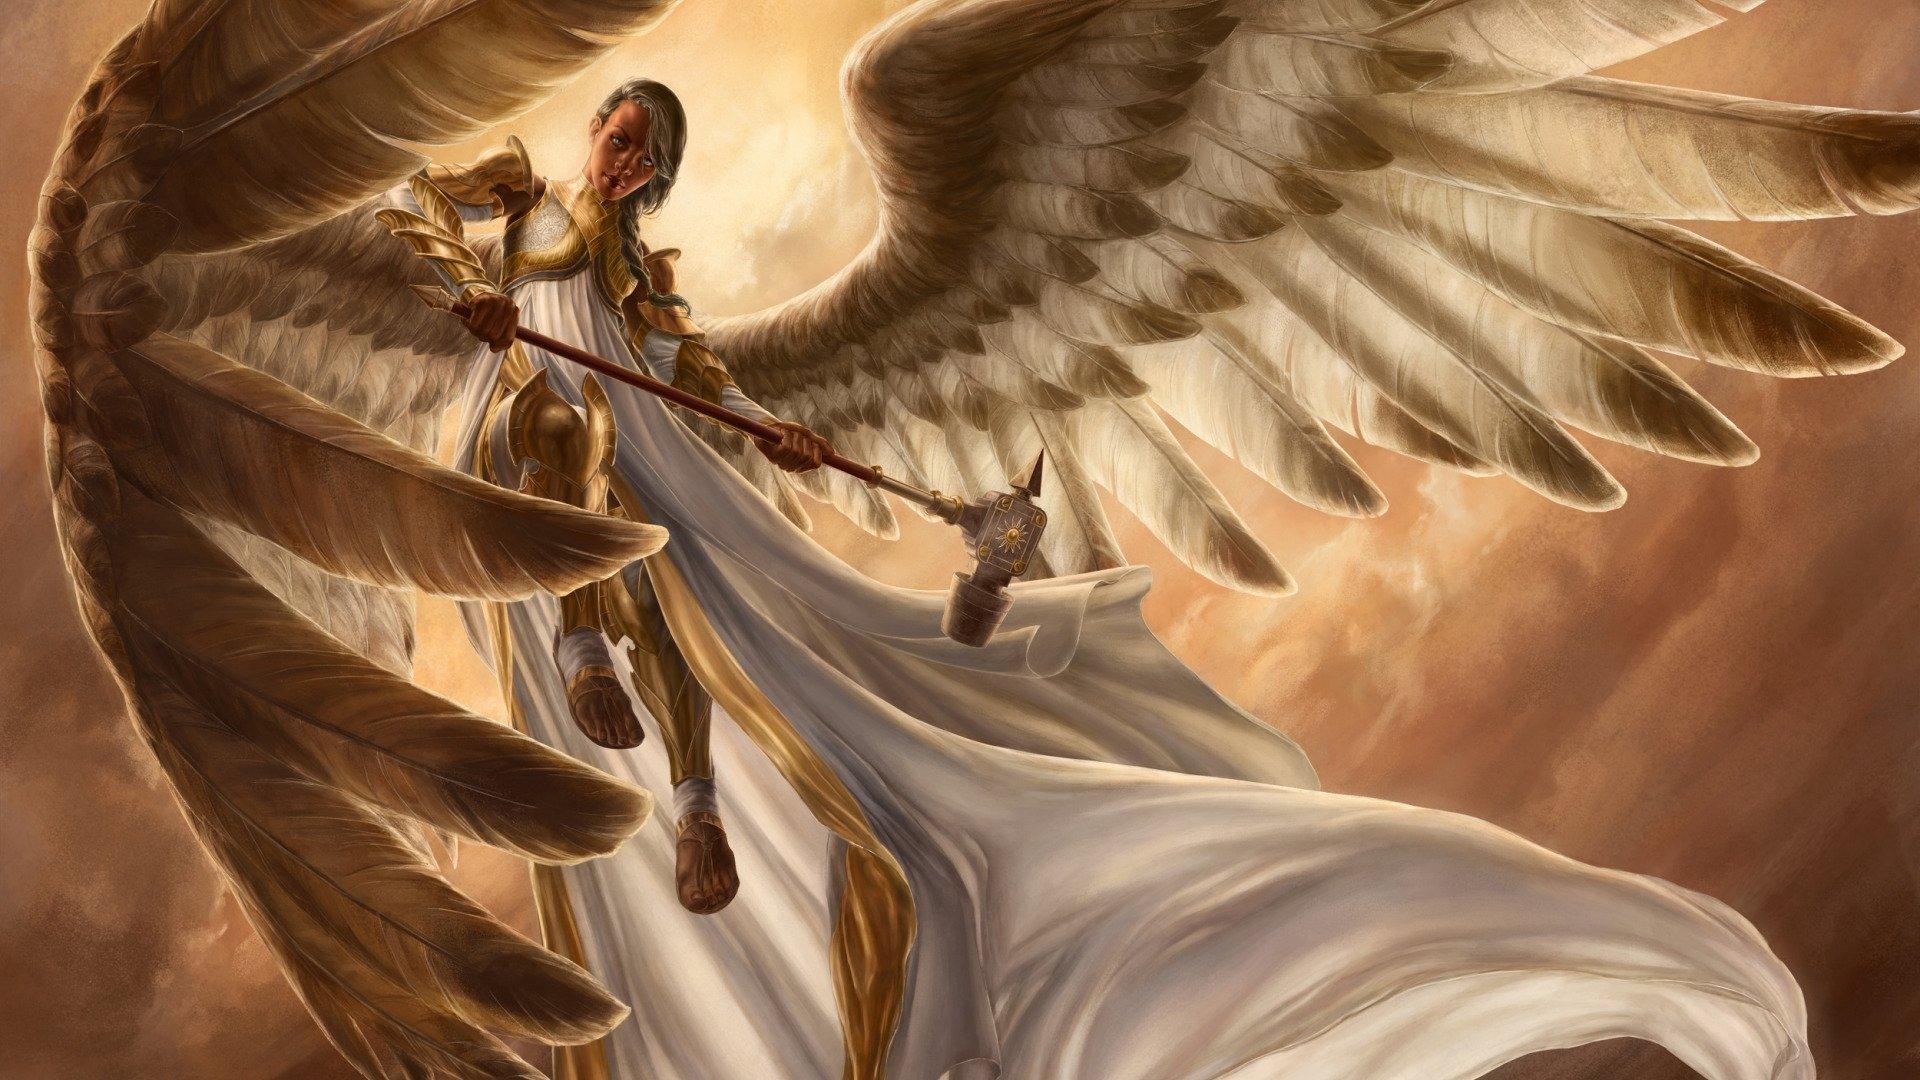 Wings Of Fire Wallpaper 1920x1080